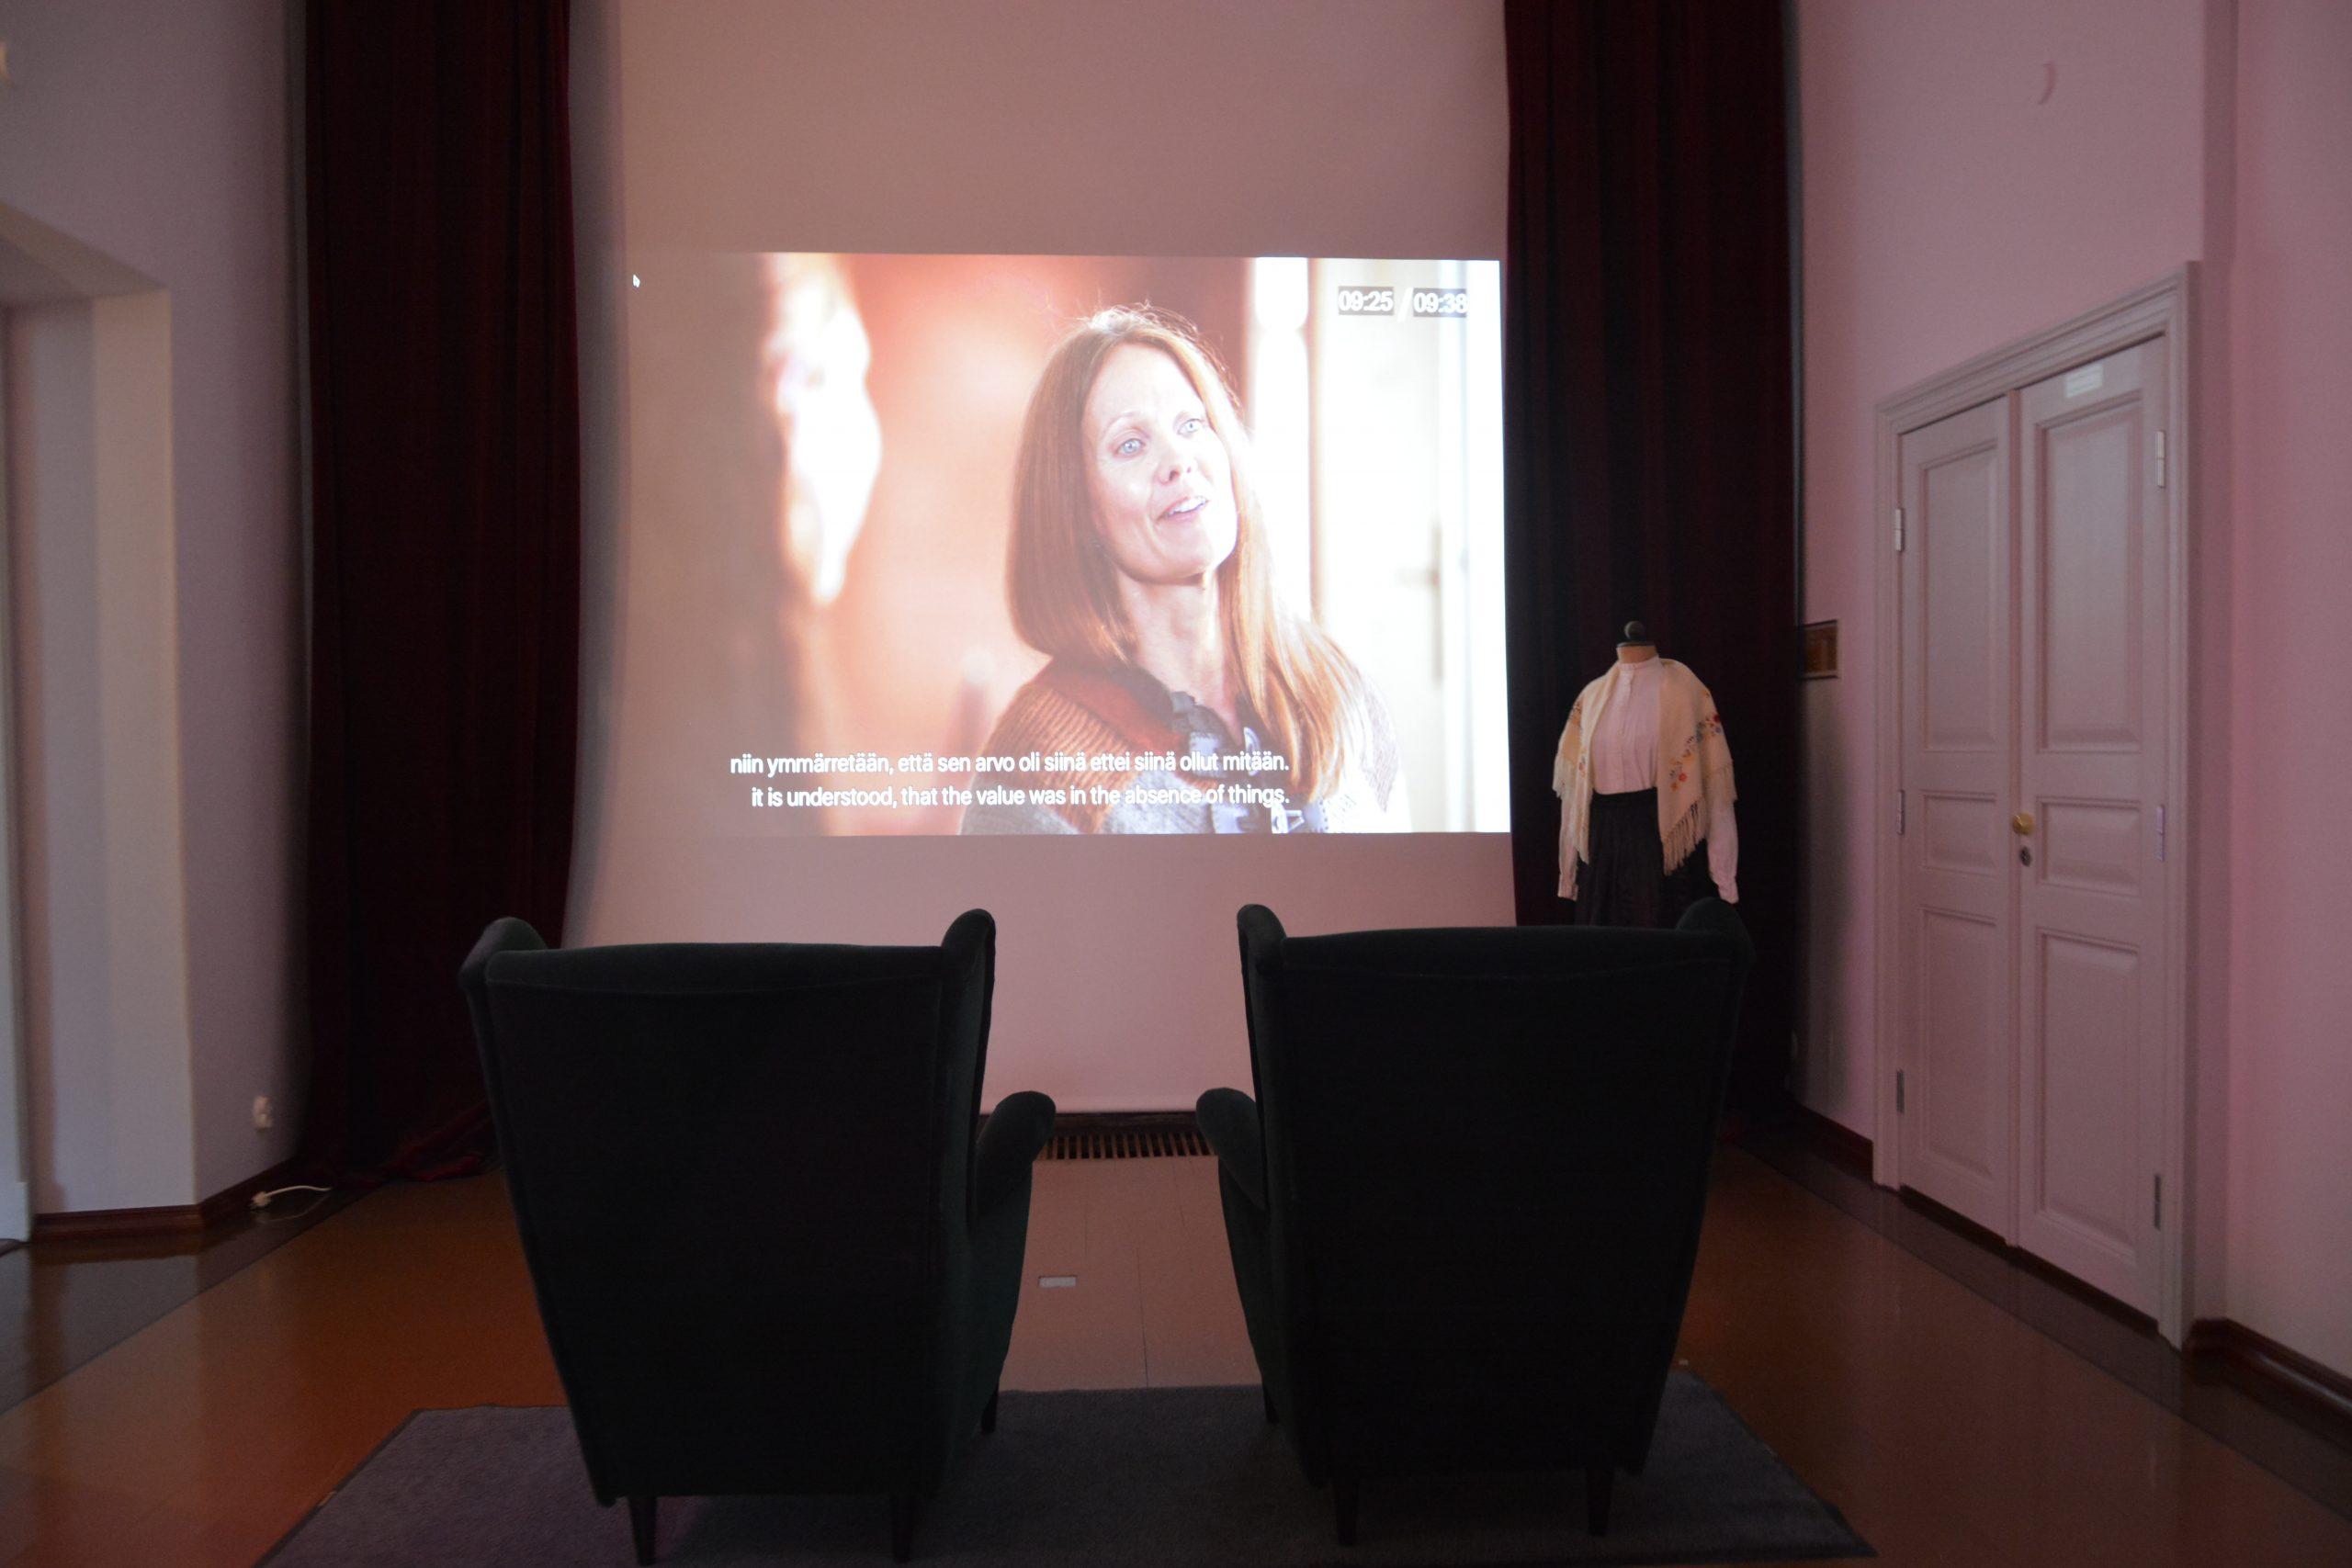 Vantaan kaupunginmuseo – Kaupunki ilman identiteettiä? -näyttely